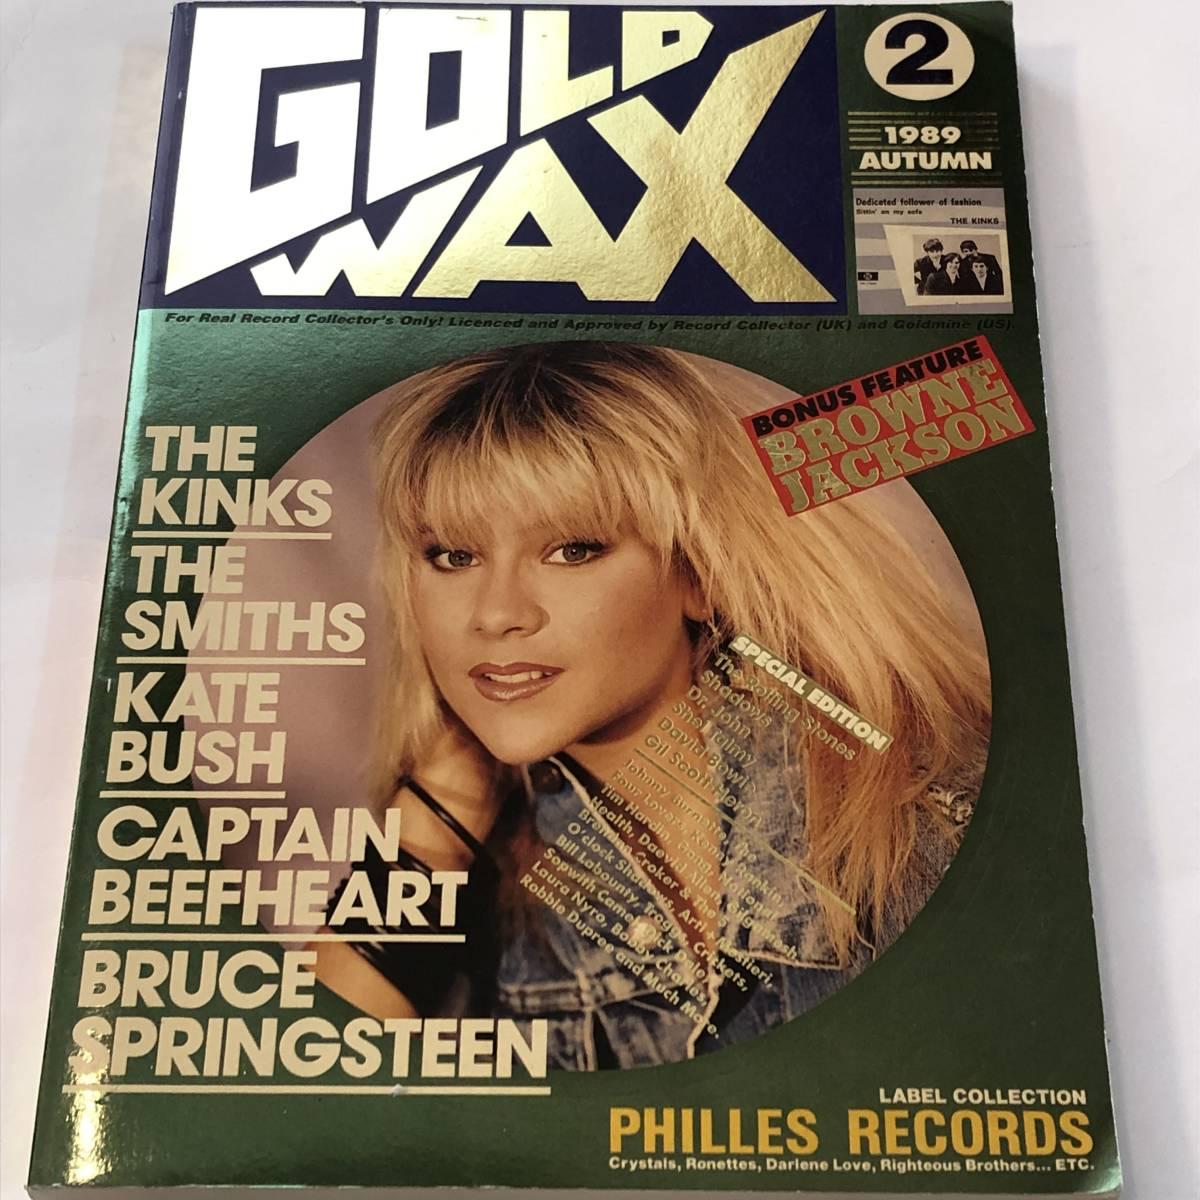 即決 ゴールド・ワックス1989 No.2 THE KINKS ザ・キンクス/ケイト・ブッシュ/キャプテン・ビーフハート/デヴィッド・ボウイ